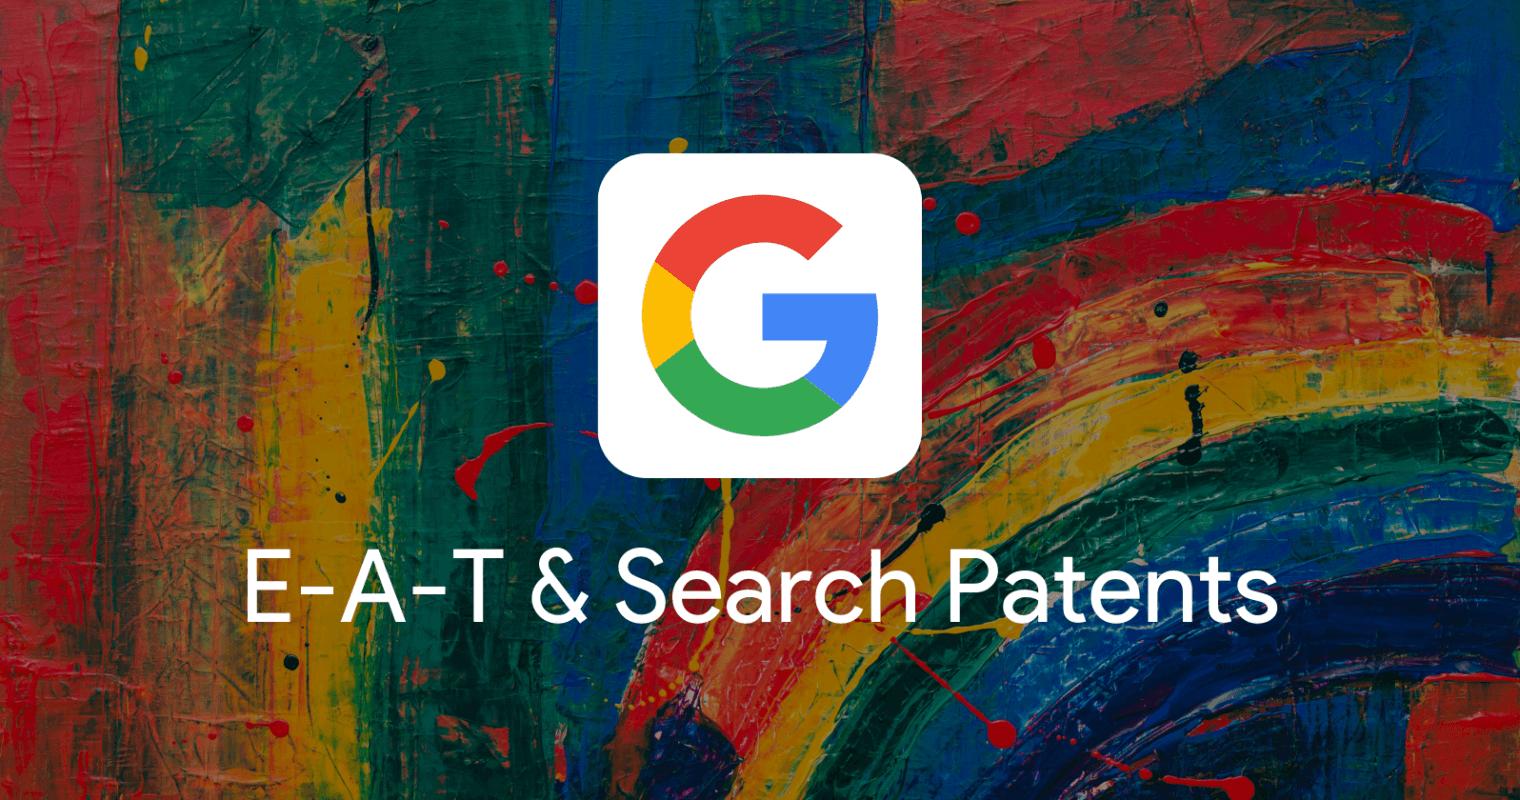 E-A-Tの仕組みをGoogleの特許から読み解く